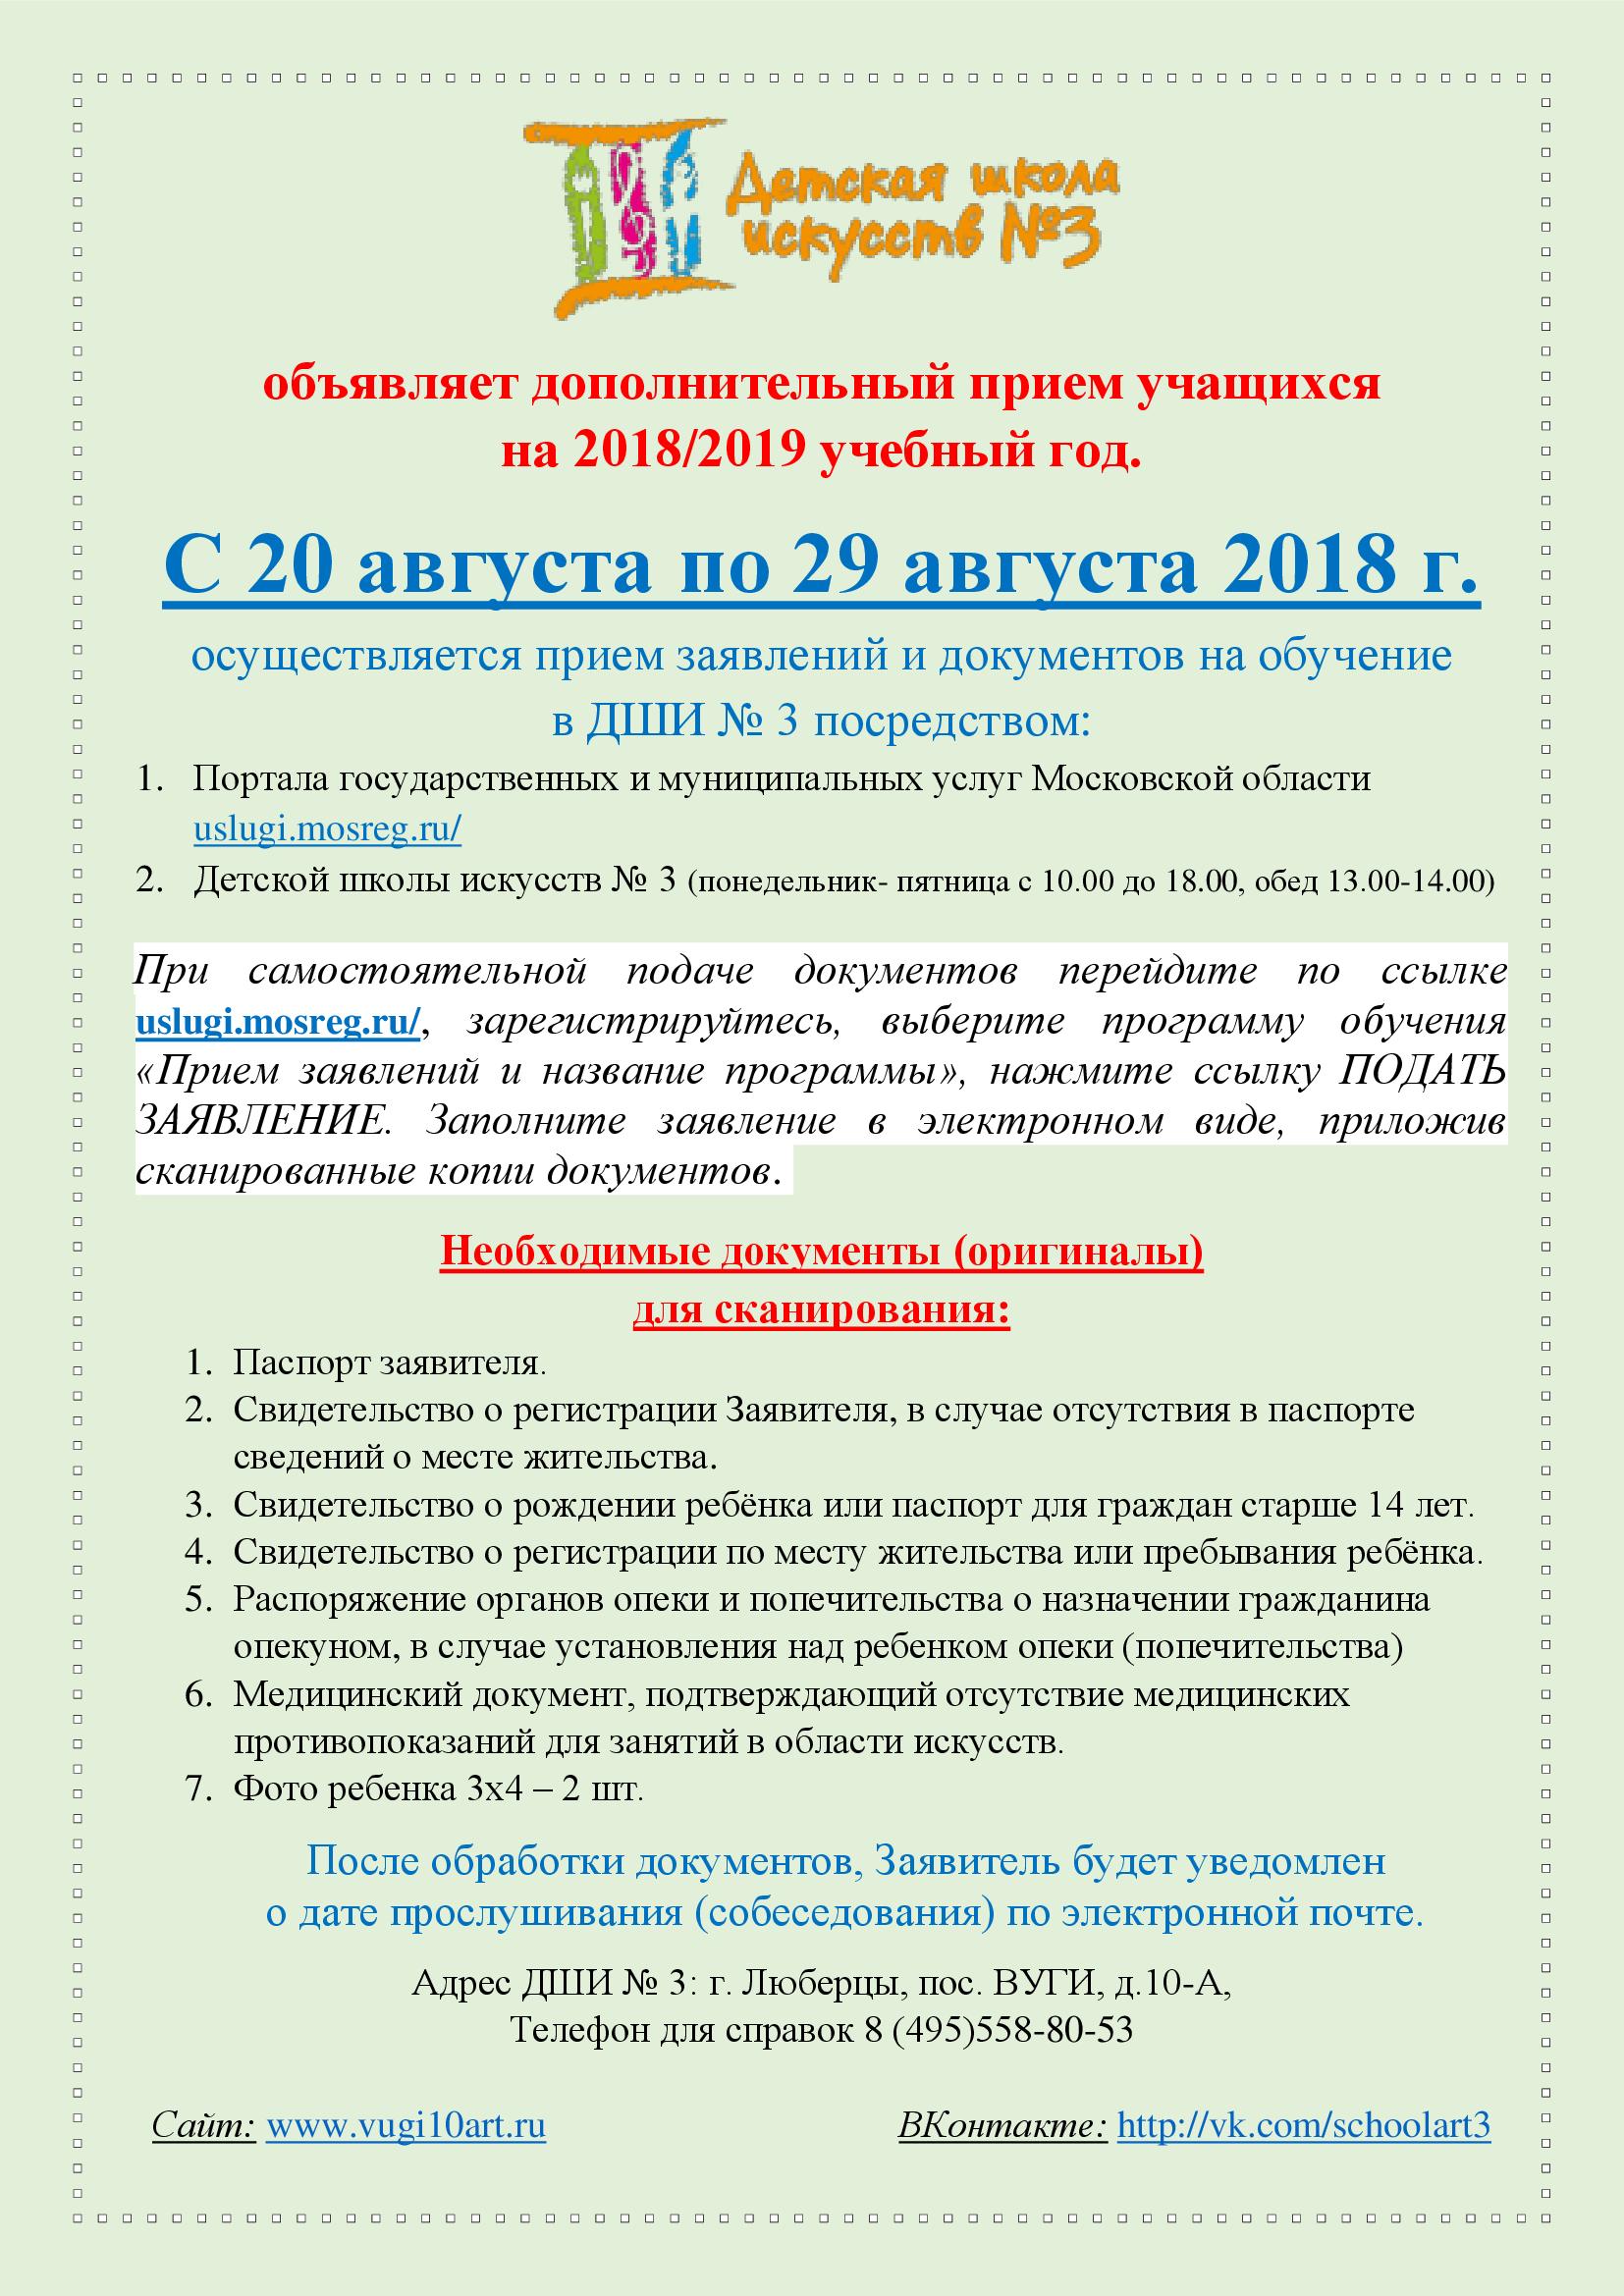 Дополнительный набор учащихся на 2018/2019 учебный год